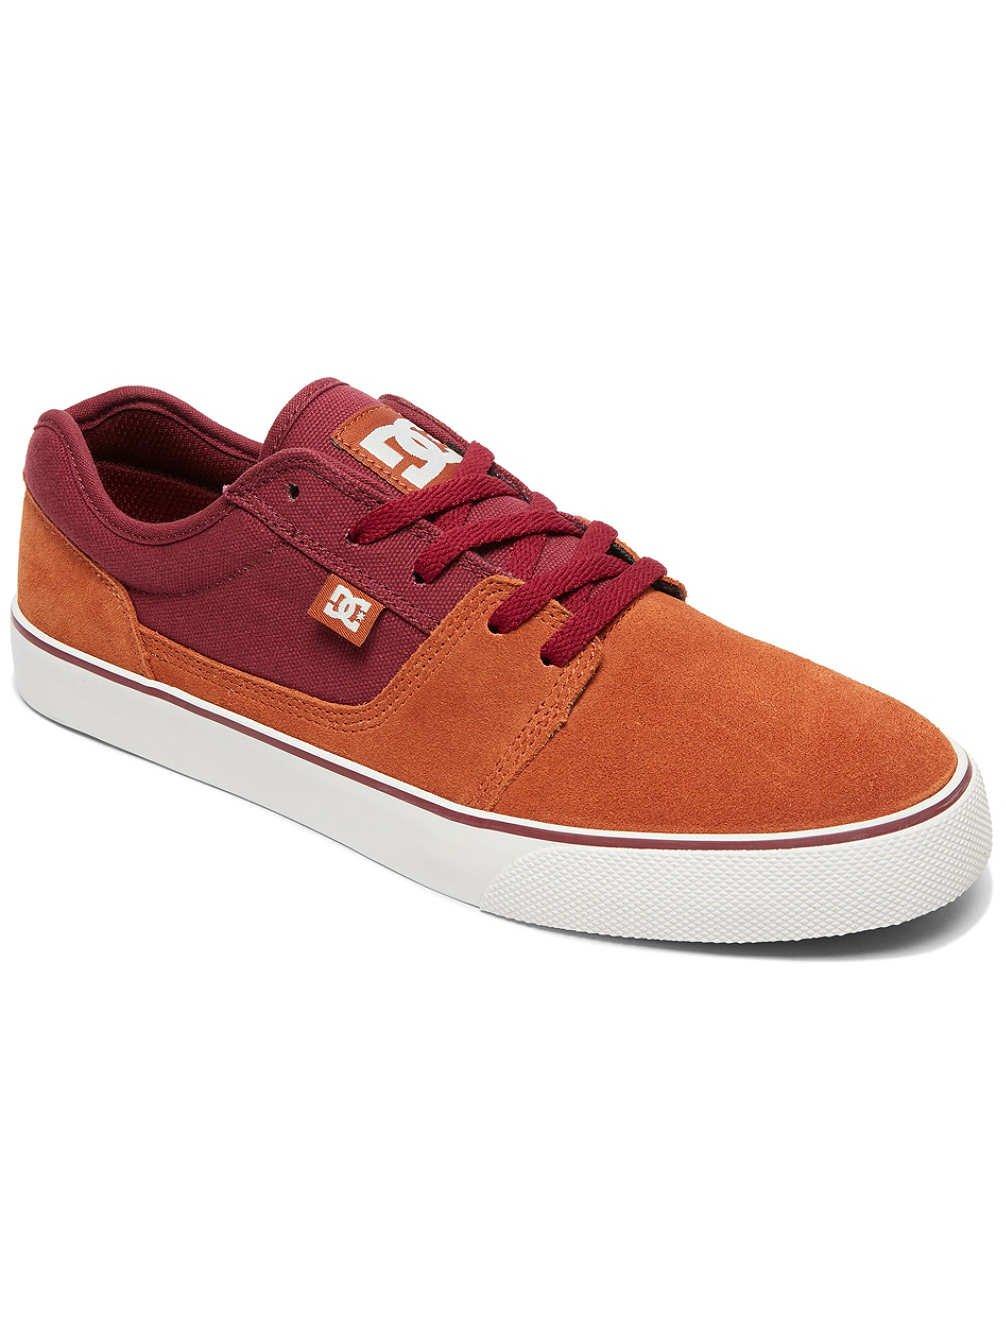 DC Shoes TONIK SHOE D0302905 - Zapatillas de ante para hombre 40.5 EU|Cabernet